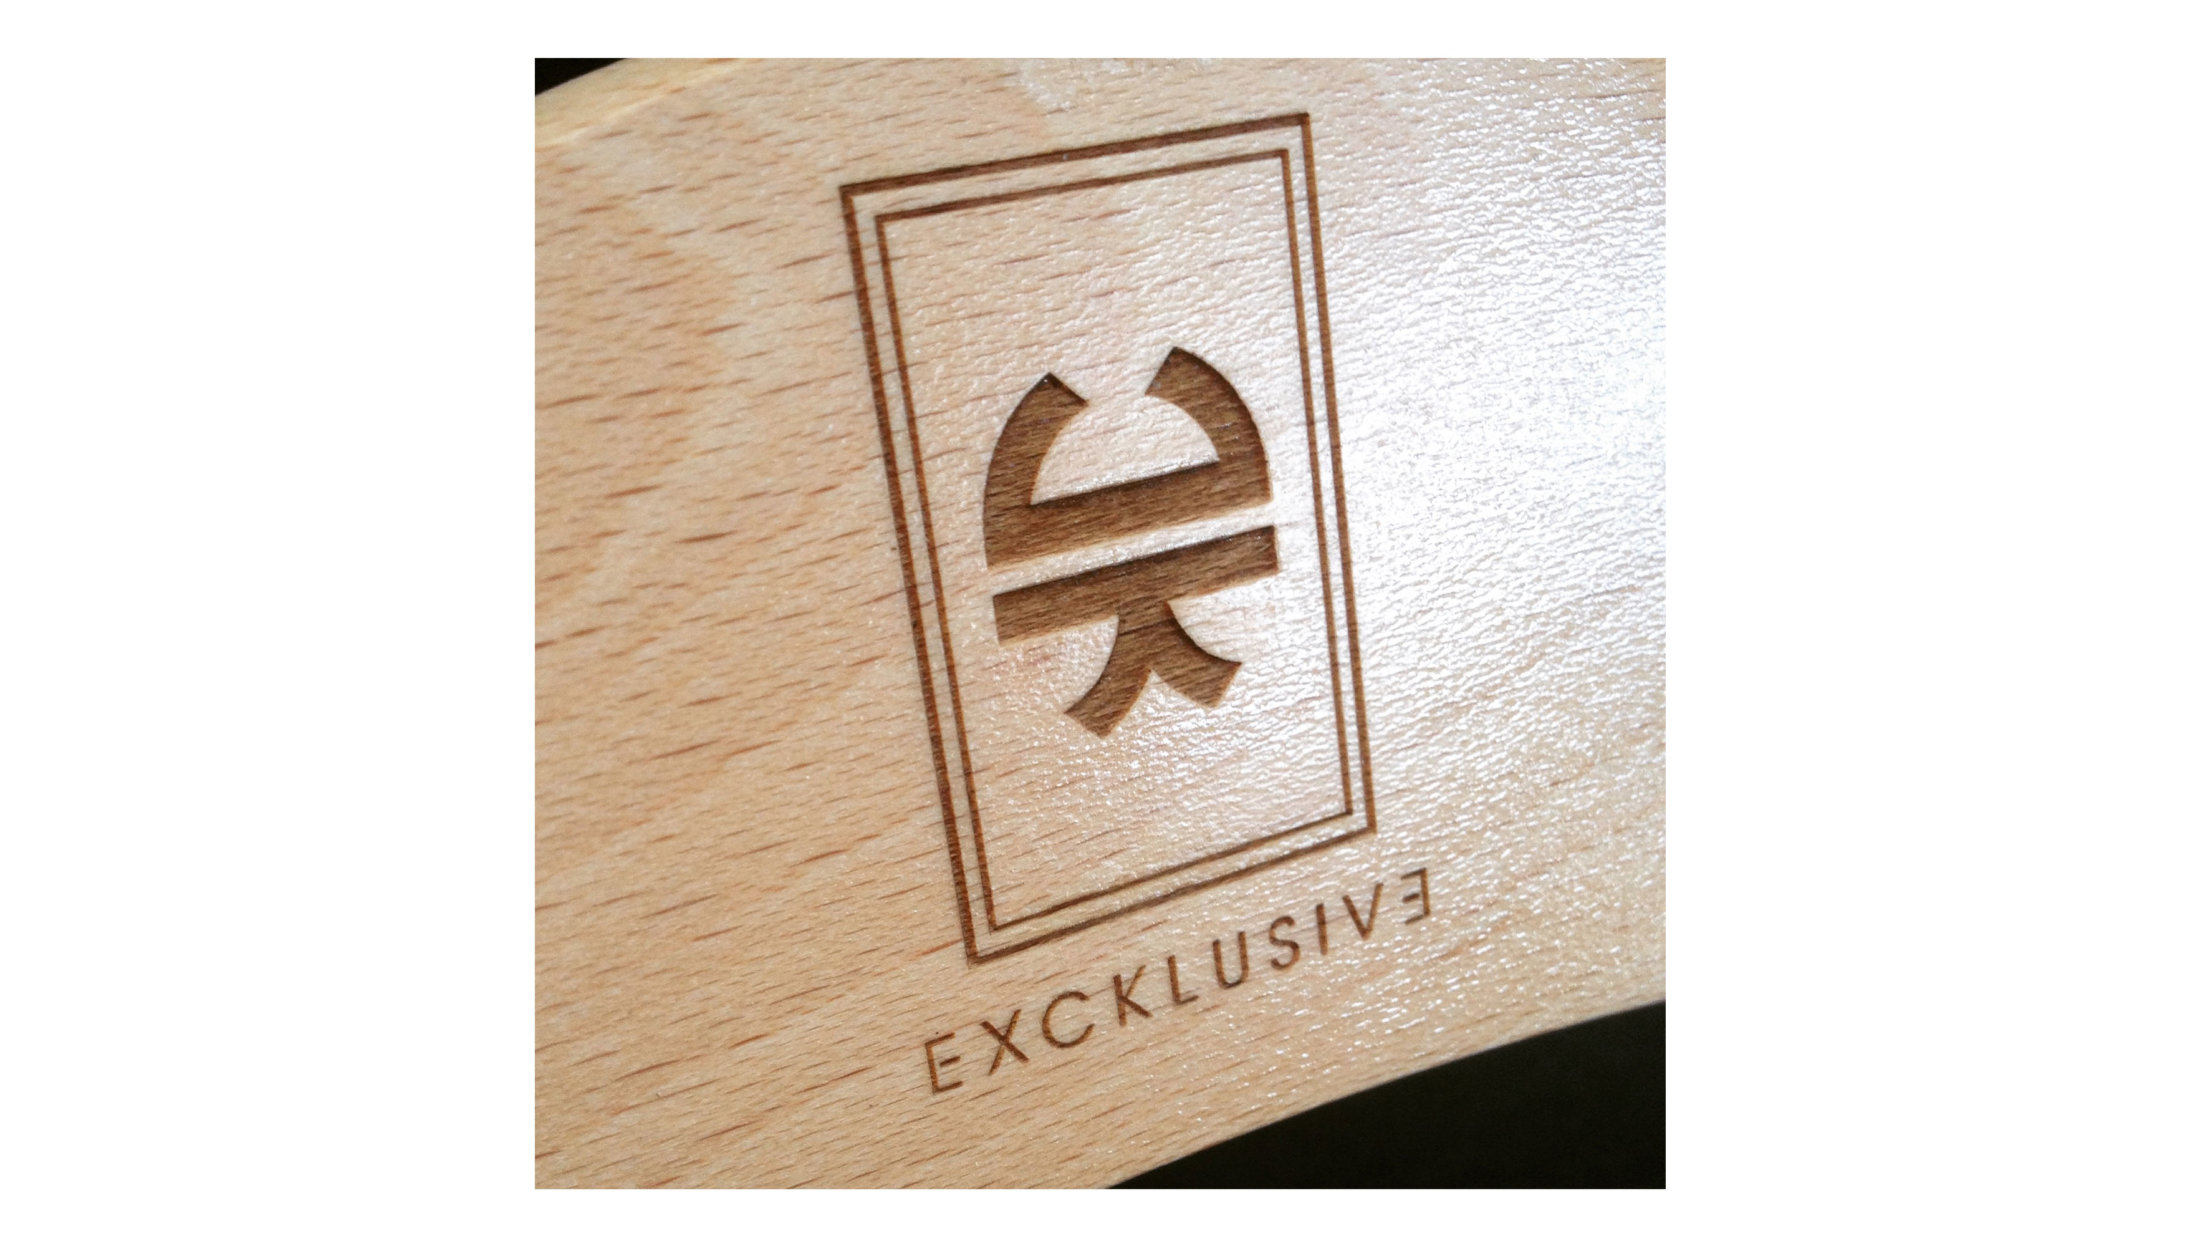 Personnalisation de cintre, gravure bois excklusive